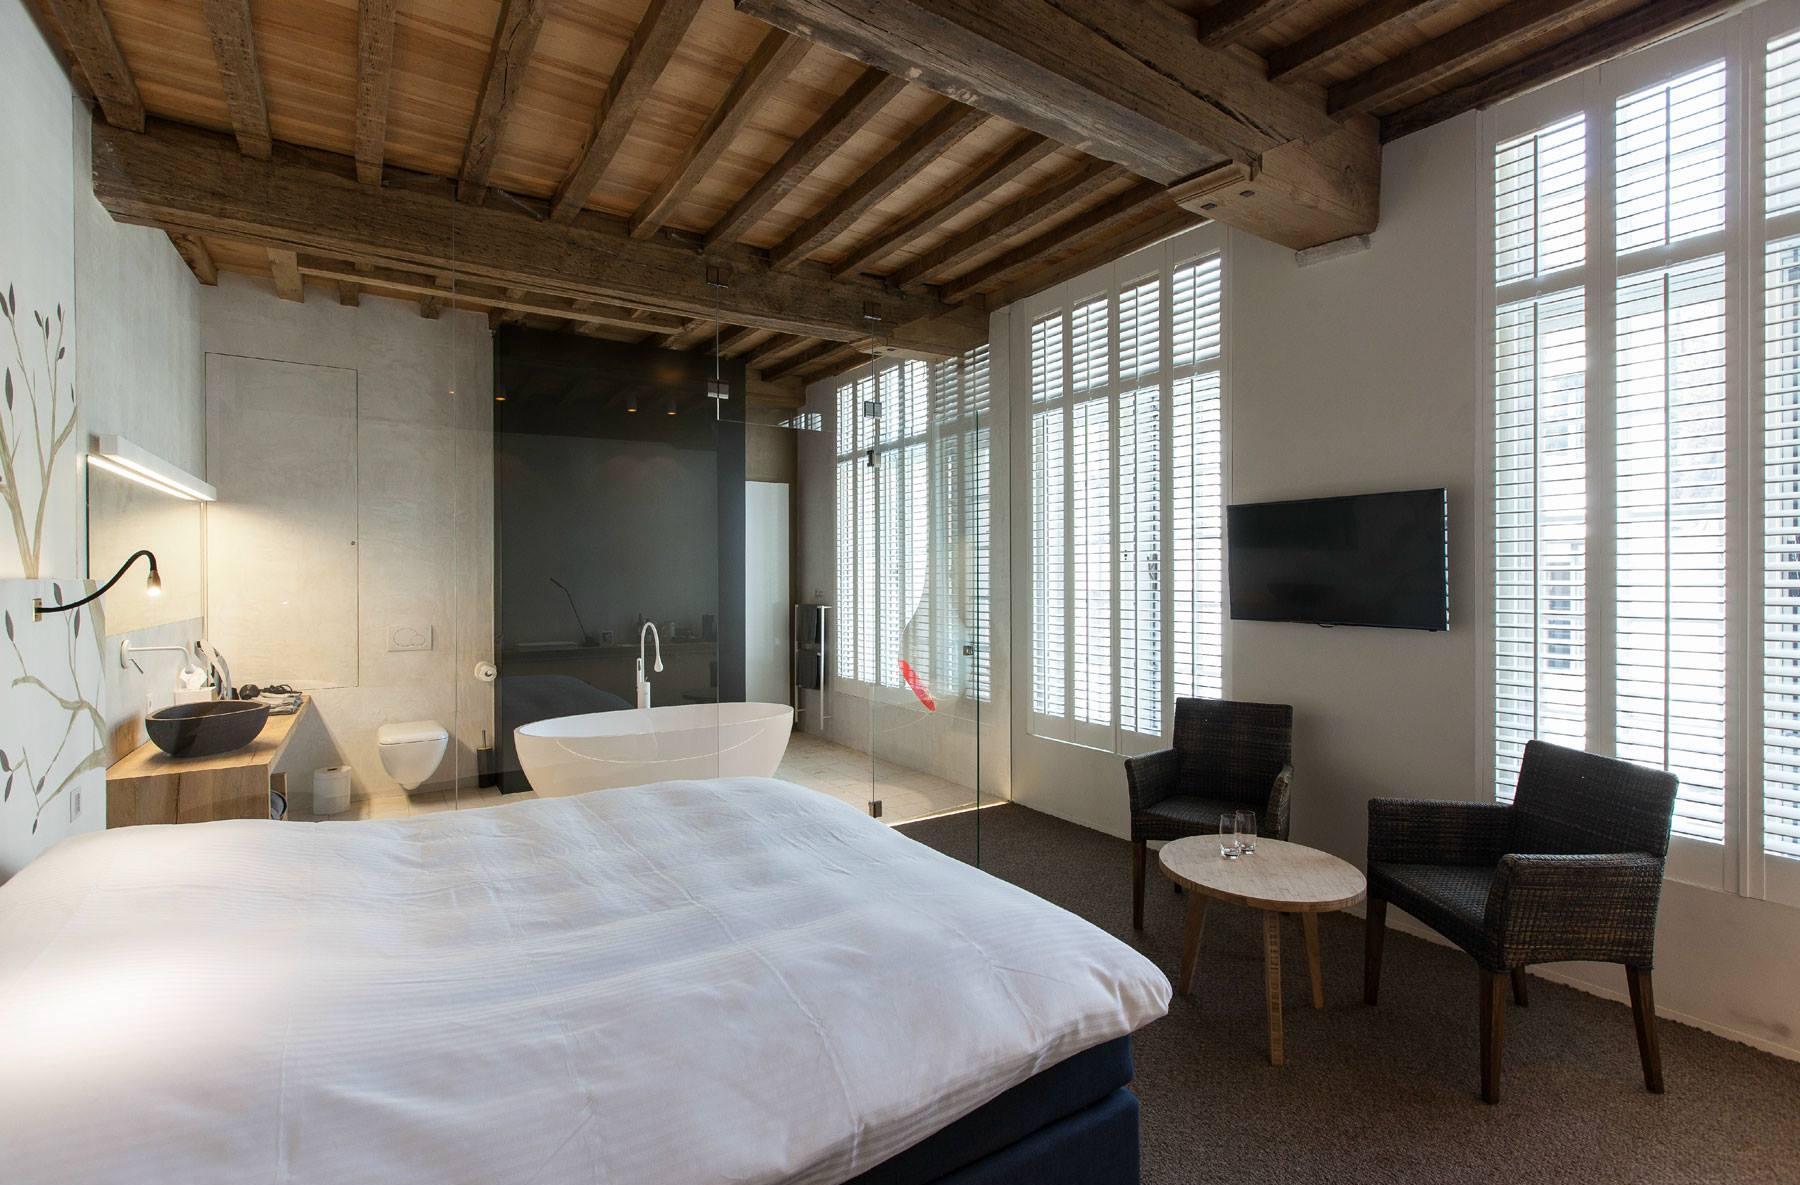 Красивый дизайн спальни с деревянным потолком